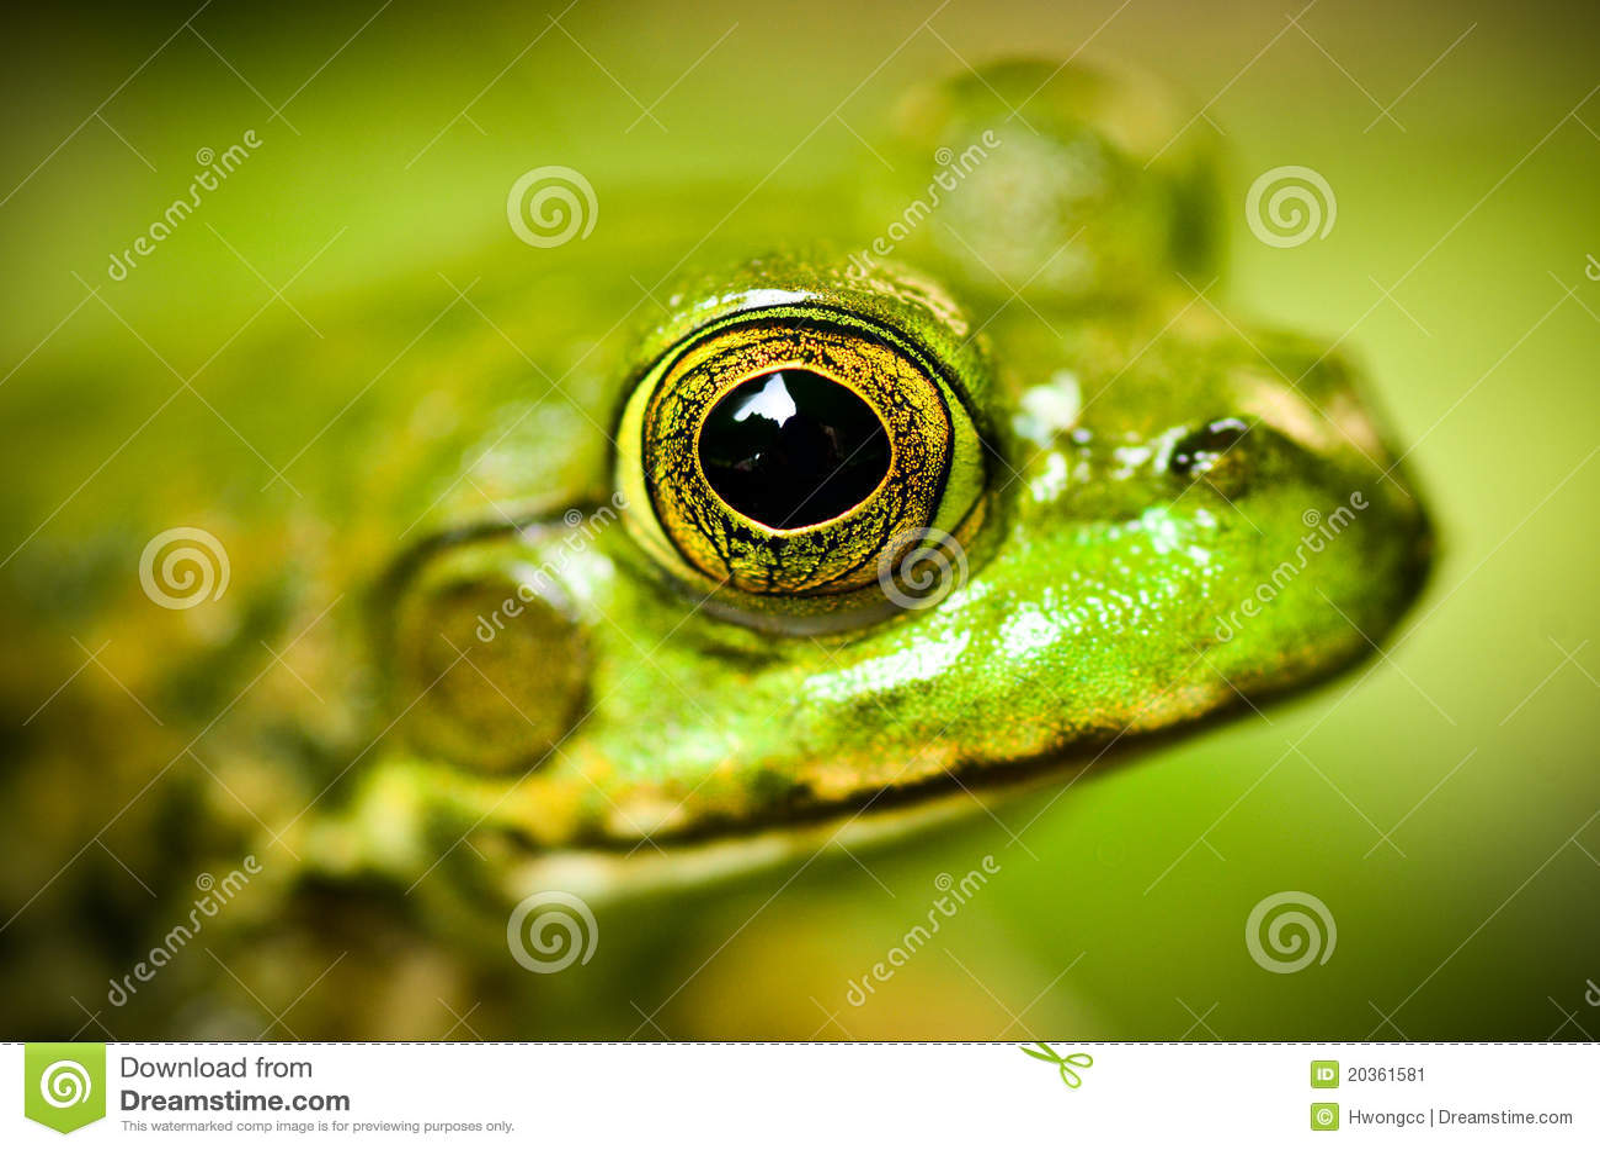 Frog s Head